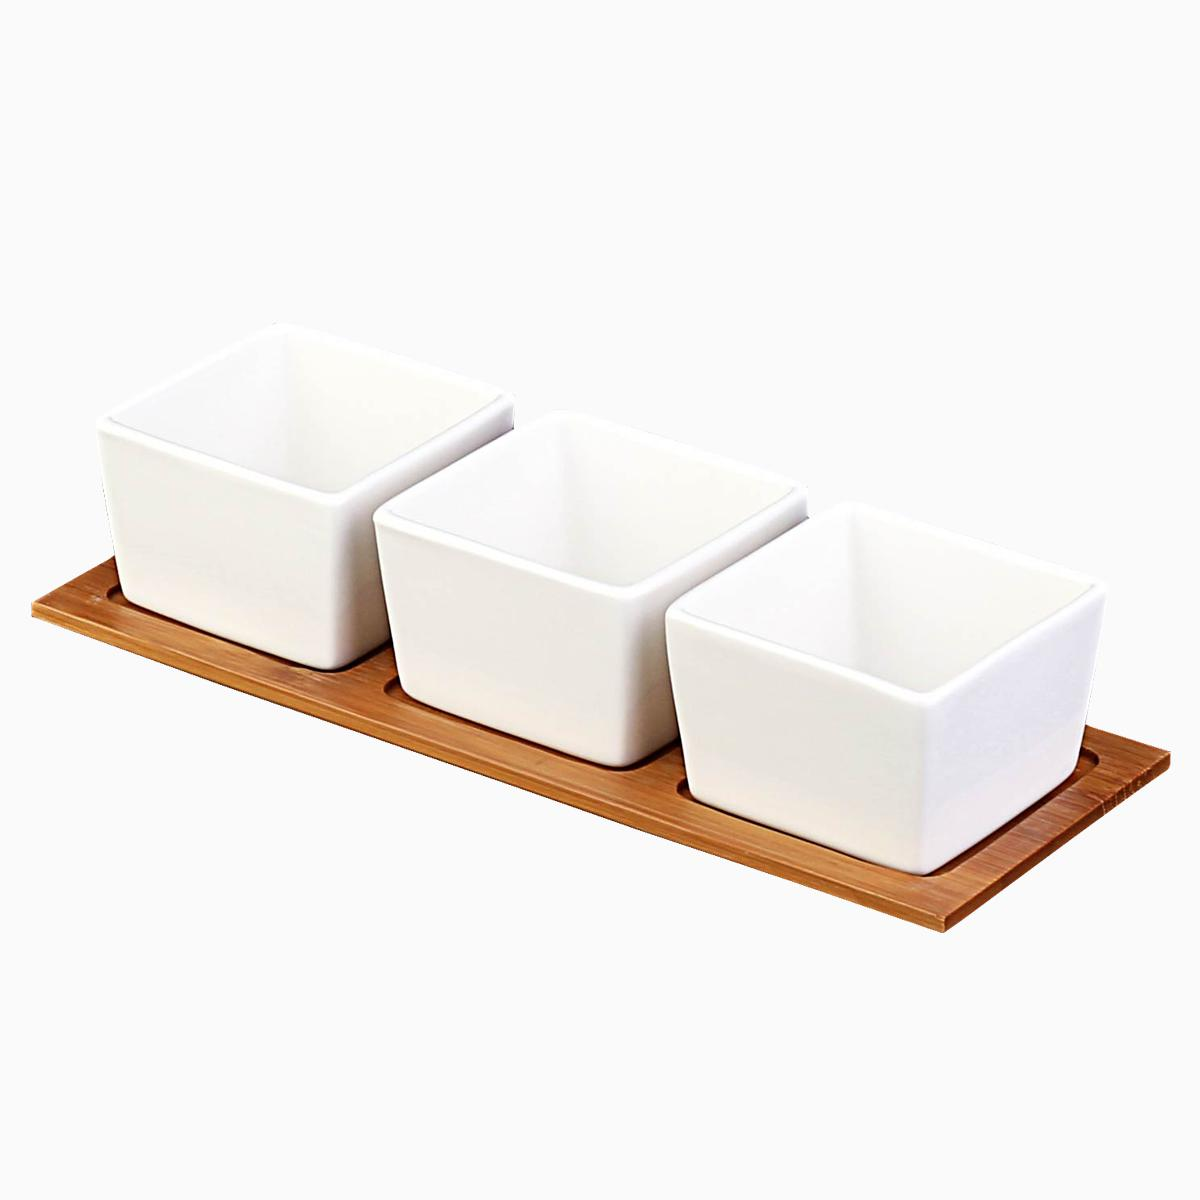 Obdĺžnikové porcelánové misky s bambusovou doskou